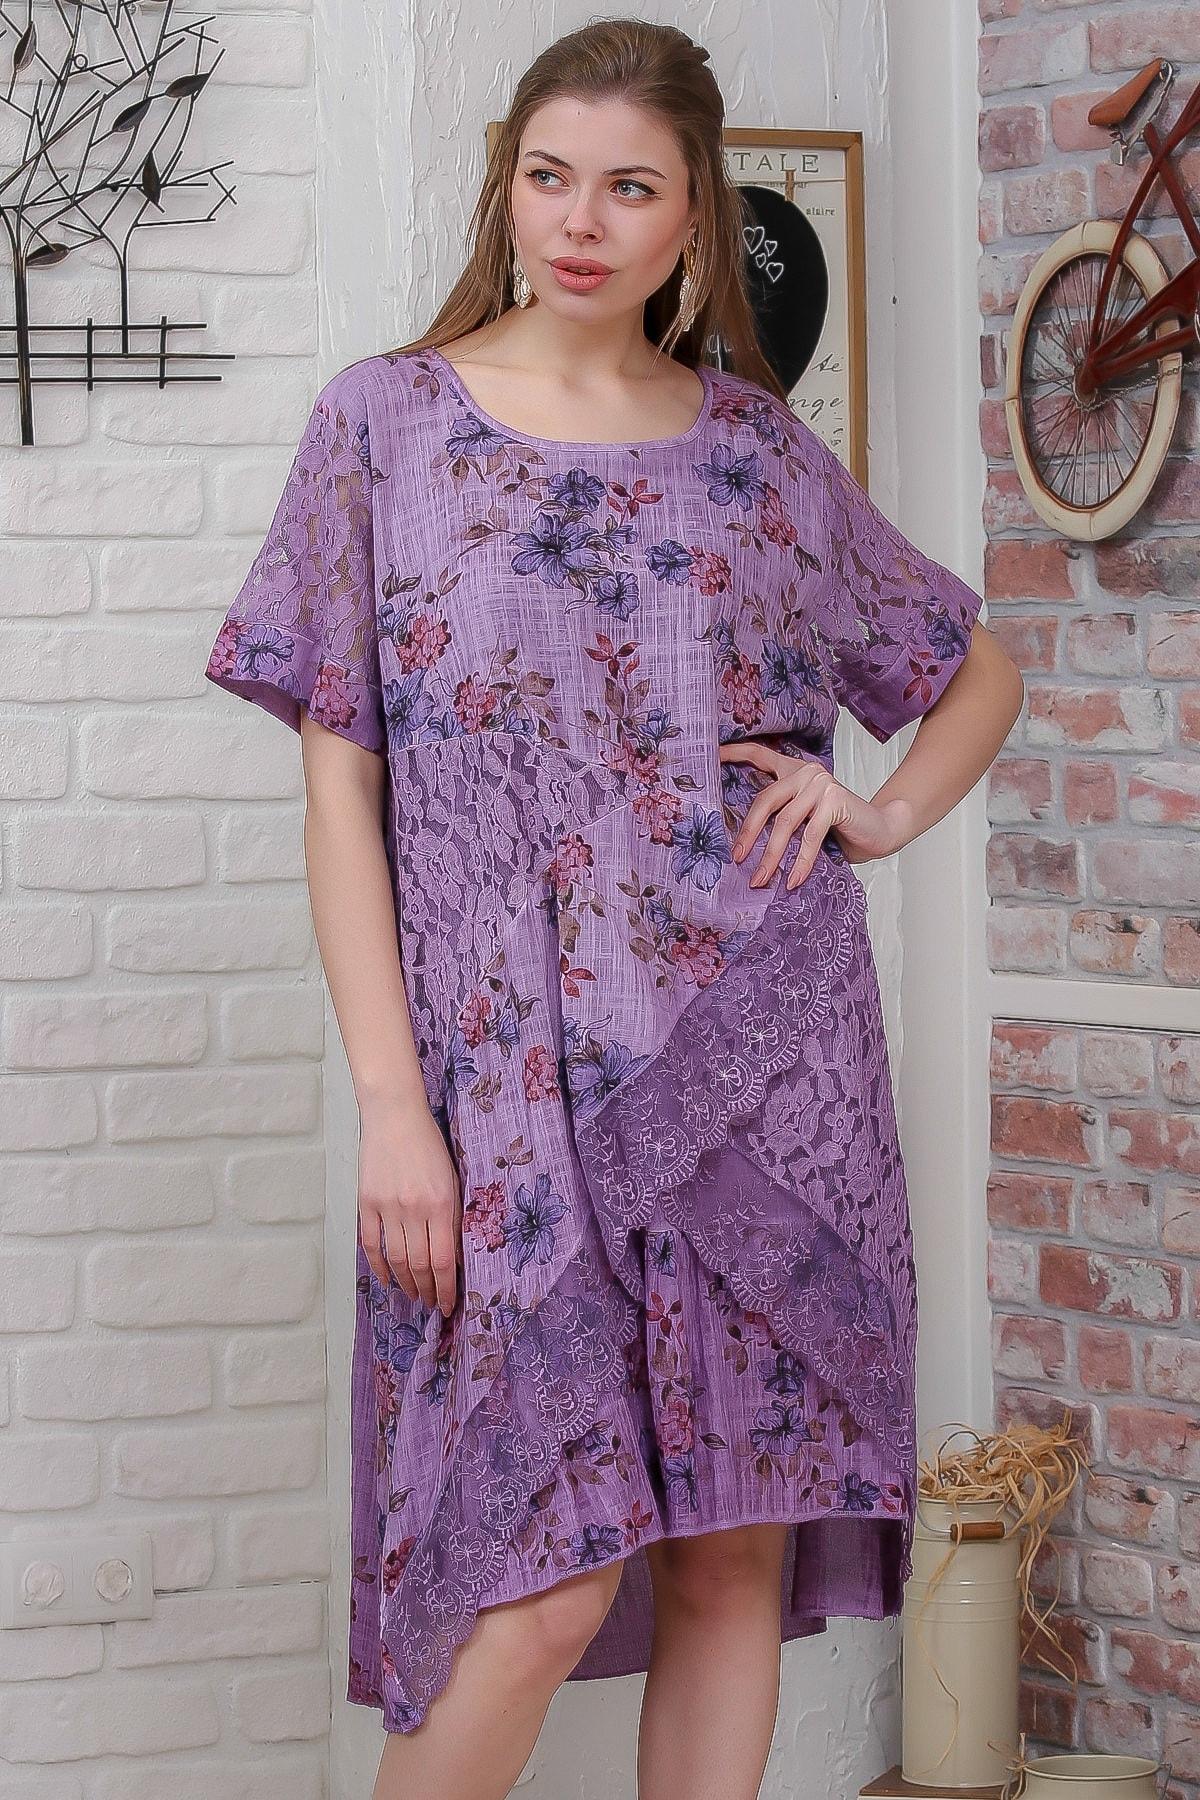 Chiccy Kadın Fuşya Ortanca Desenli Kolları Dantel Detaylı Yıkamalı Salaş Dokuma Elbise M10160000EL95486